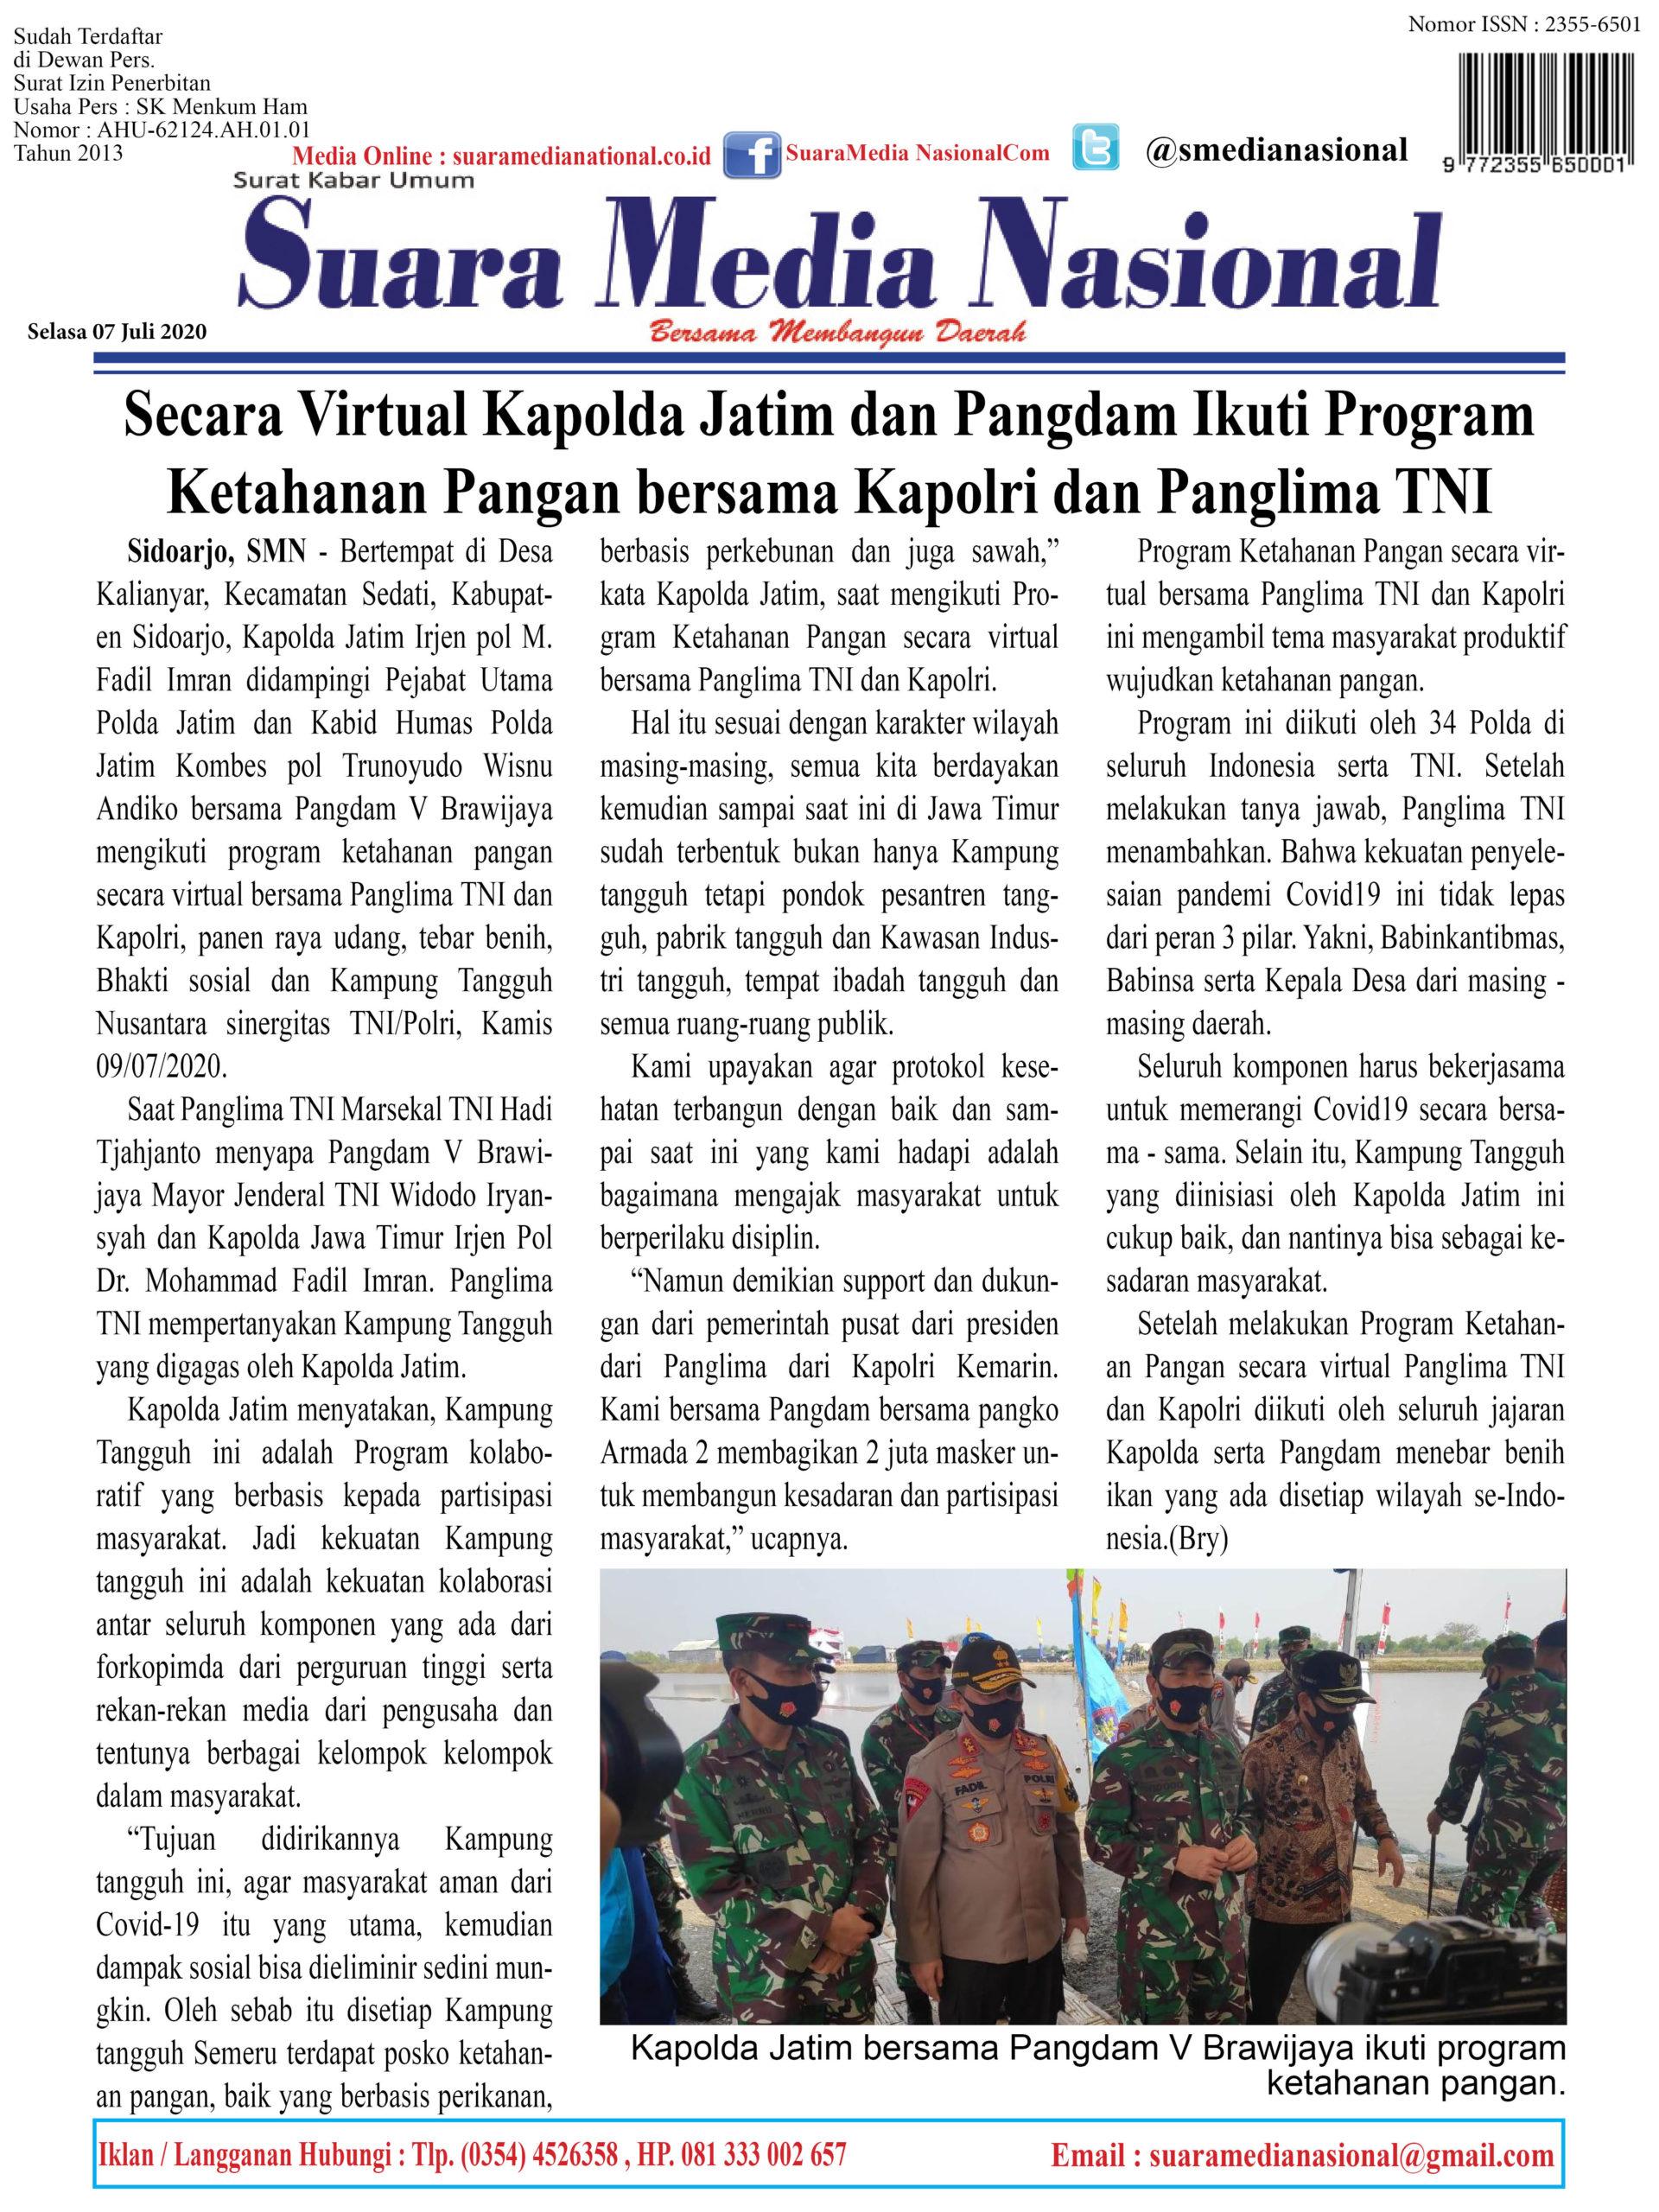 Secara Virtual Kapolda Jatim dan Pangdam Ikuti Program  Ketahanan Pangan bersama Kapolri dan Panglima TNI